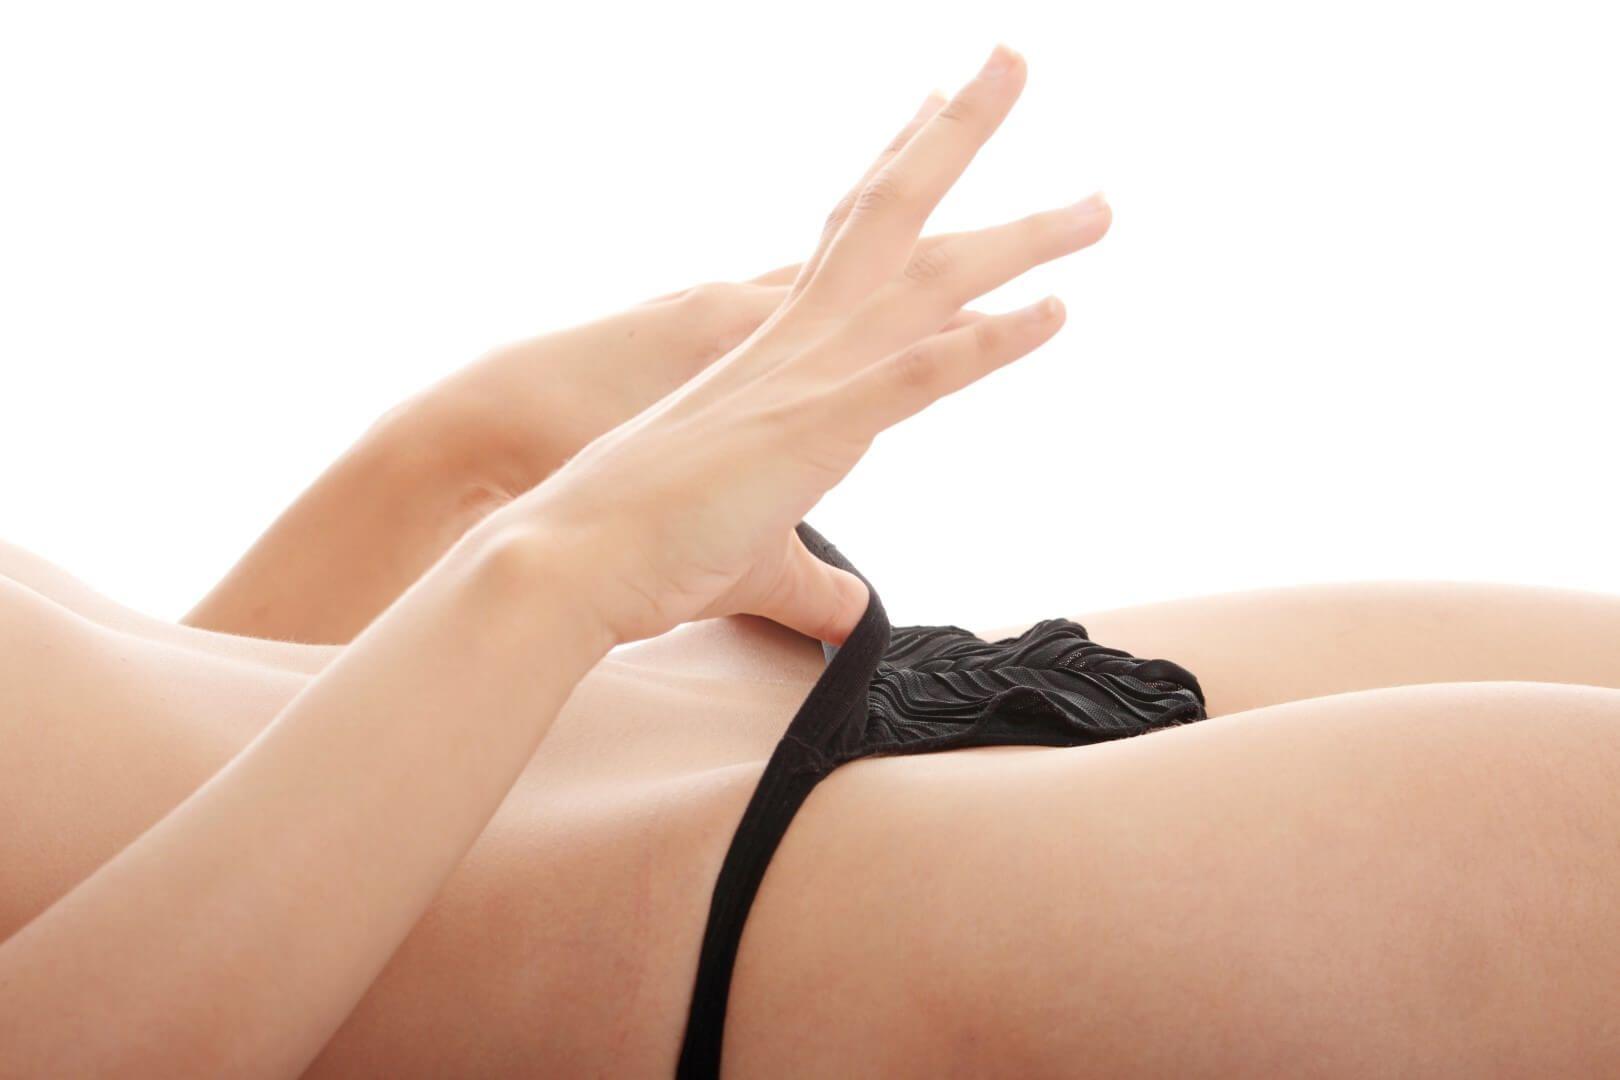 Un experto revela los cinco beneficios de la masturbación femenina